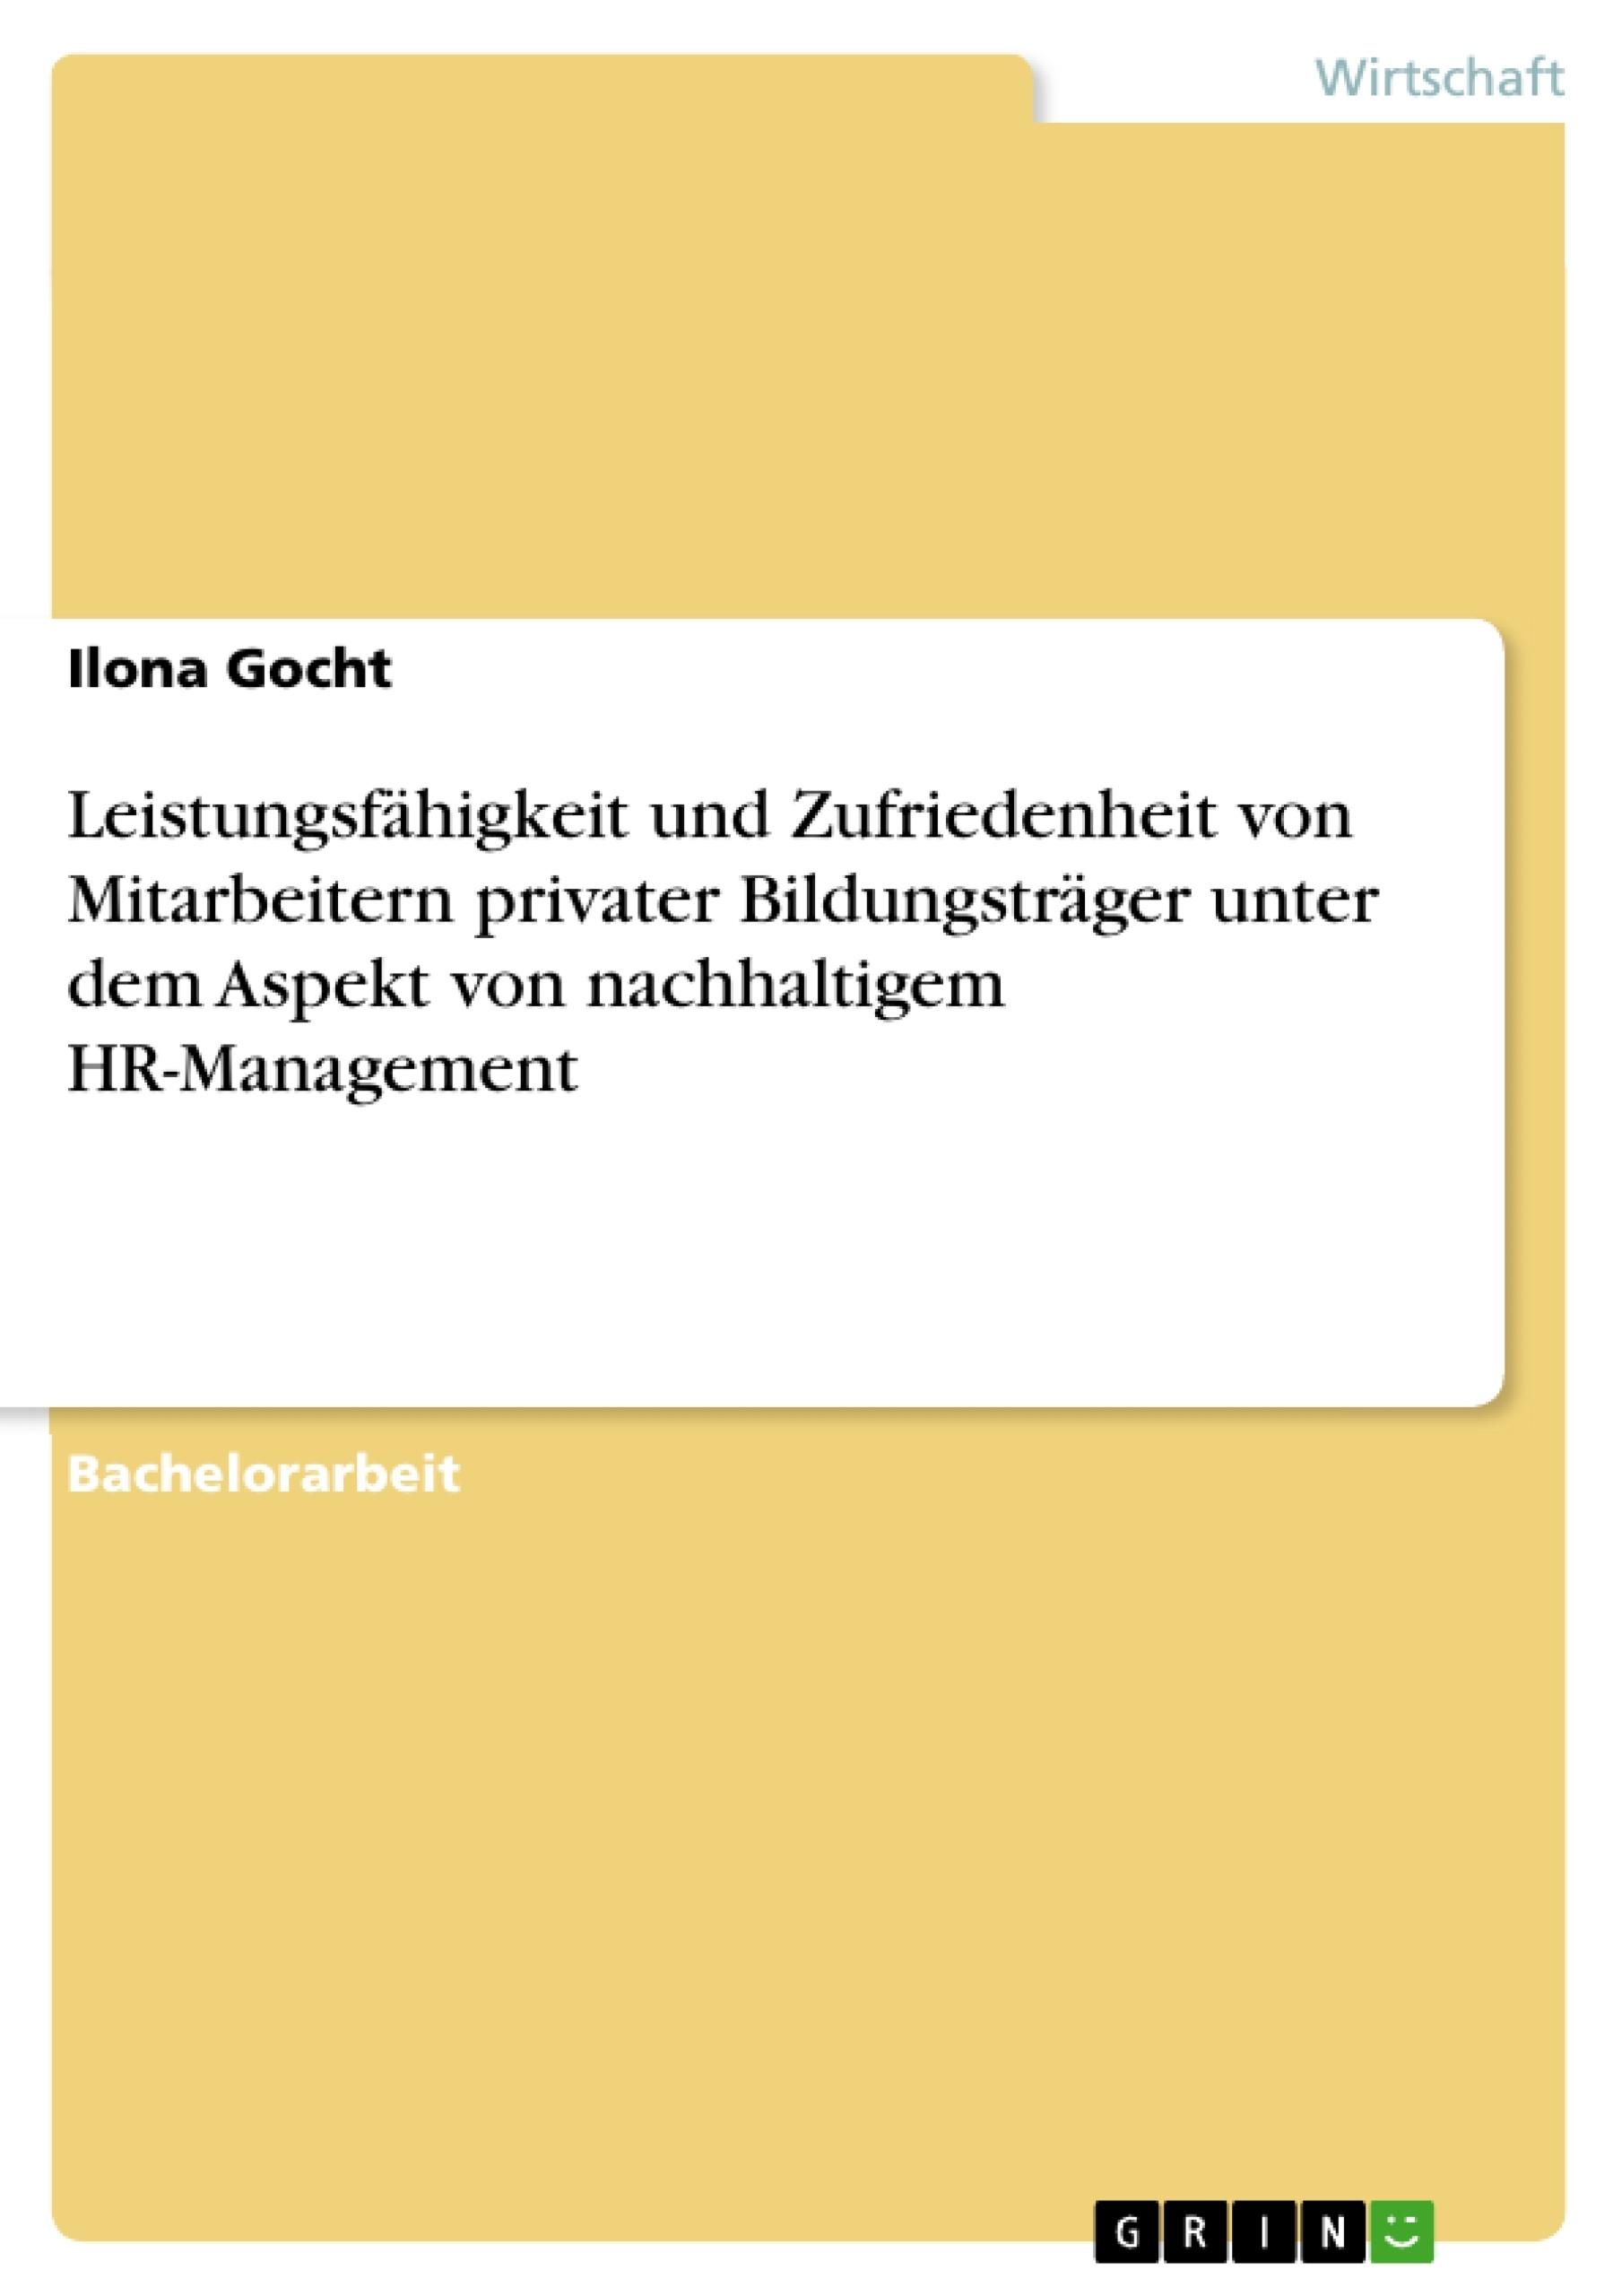 Titel: Leistungsfähigkeit und Zufriedenheit von Mitarbeitern privater Bildungsträger unter dem Aspekt von nachhaltigem HR-Management